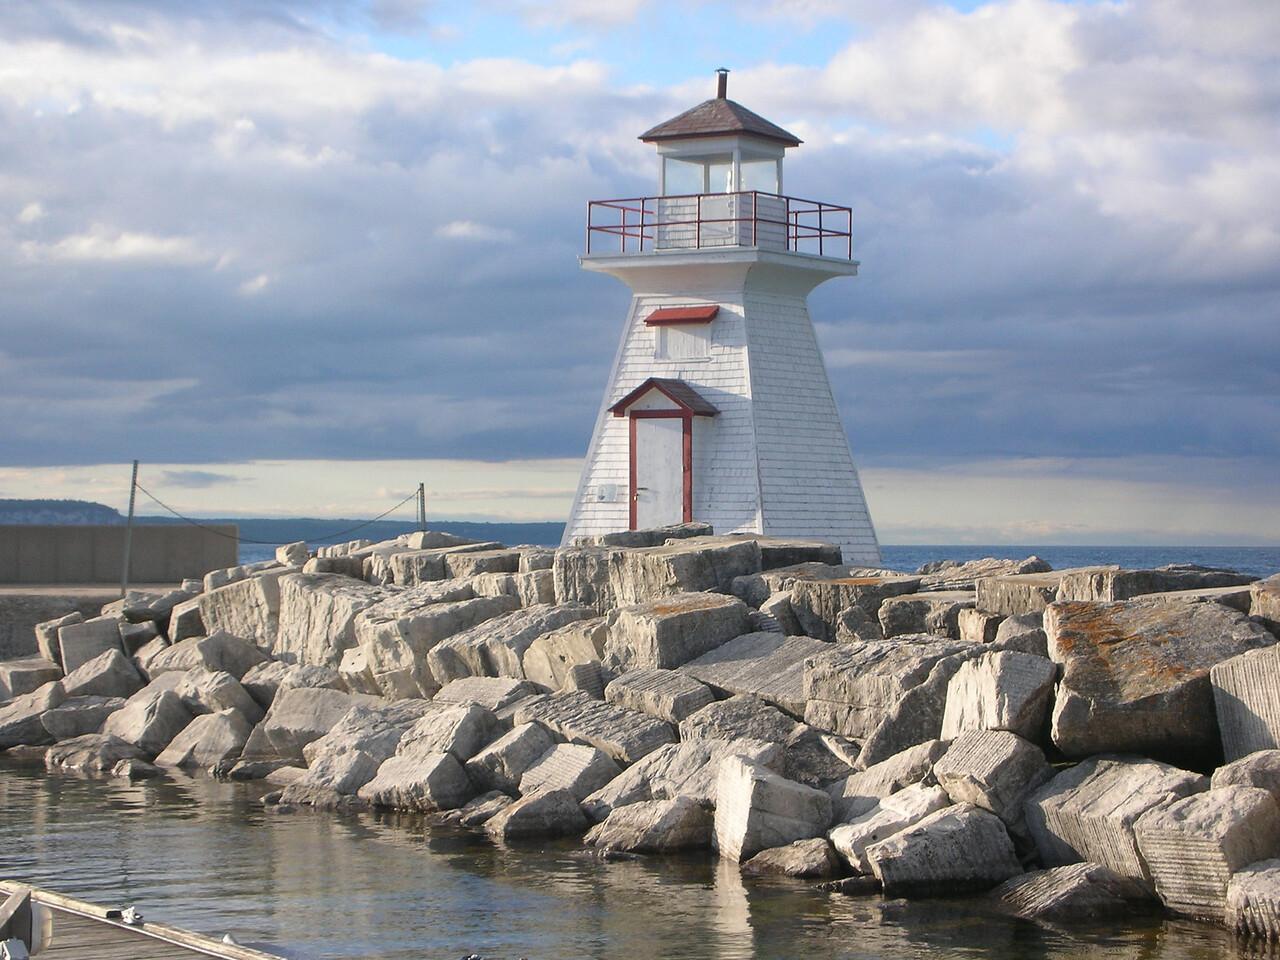 Lion's Head, Ontario Lake Huron (Georgian Bay) - Donald DeLong